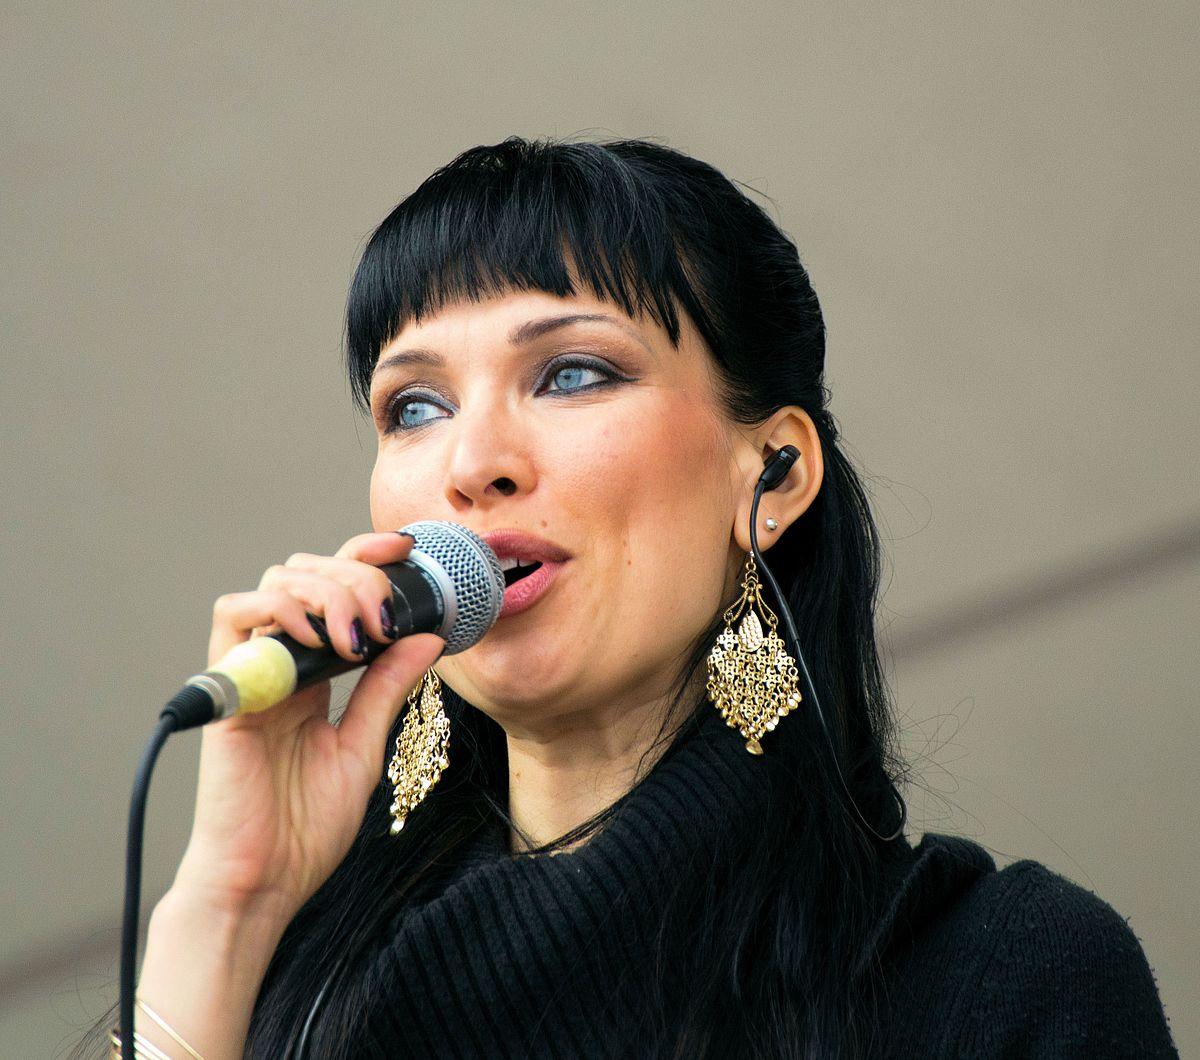 Merja Tapola